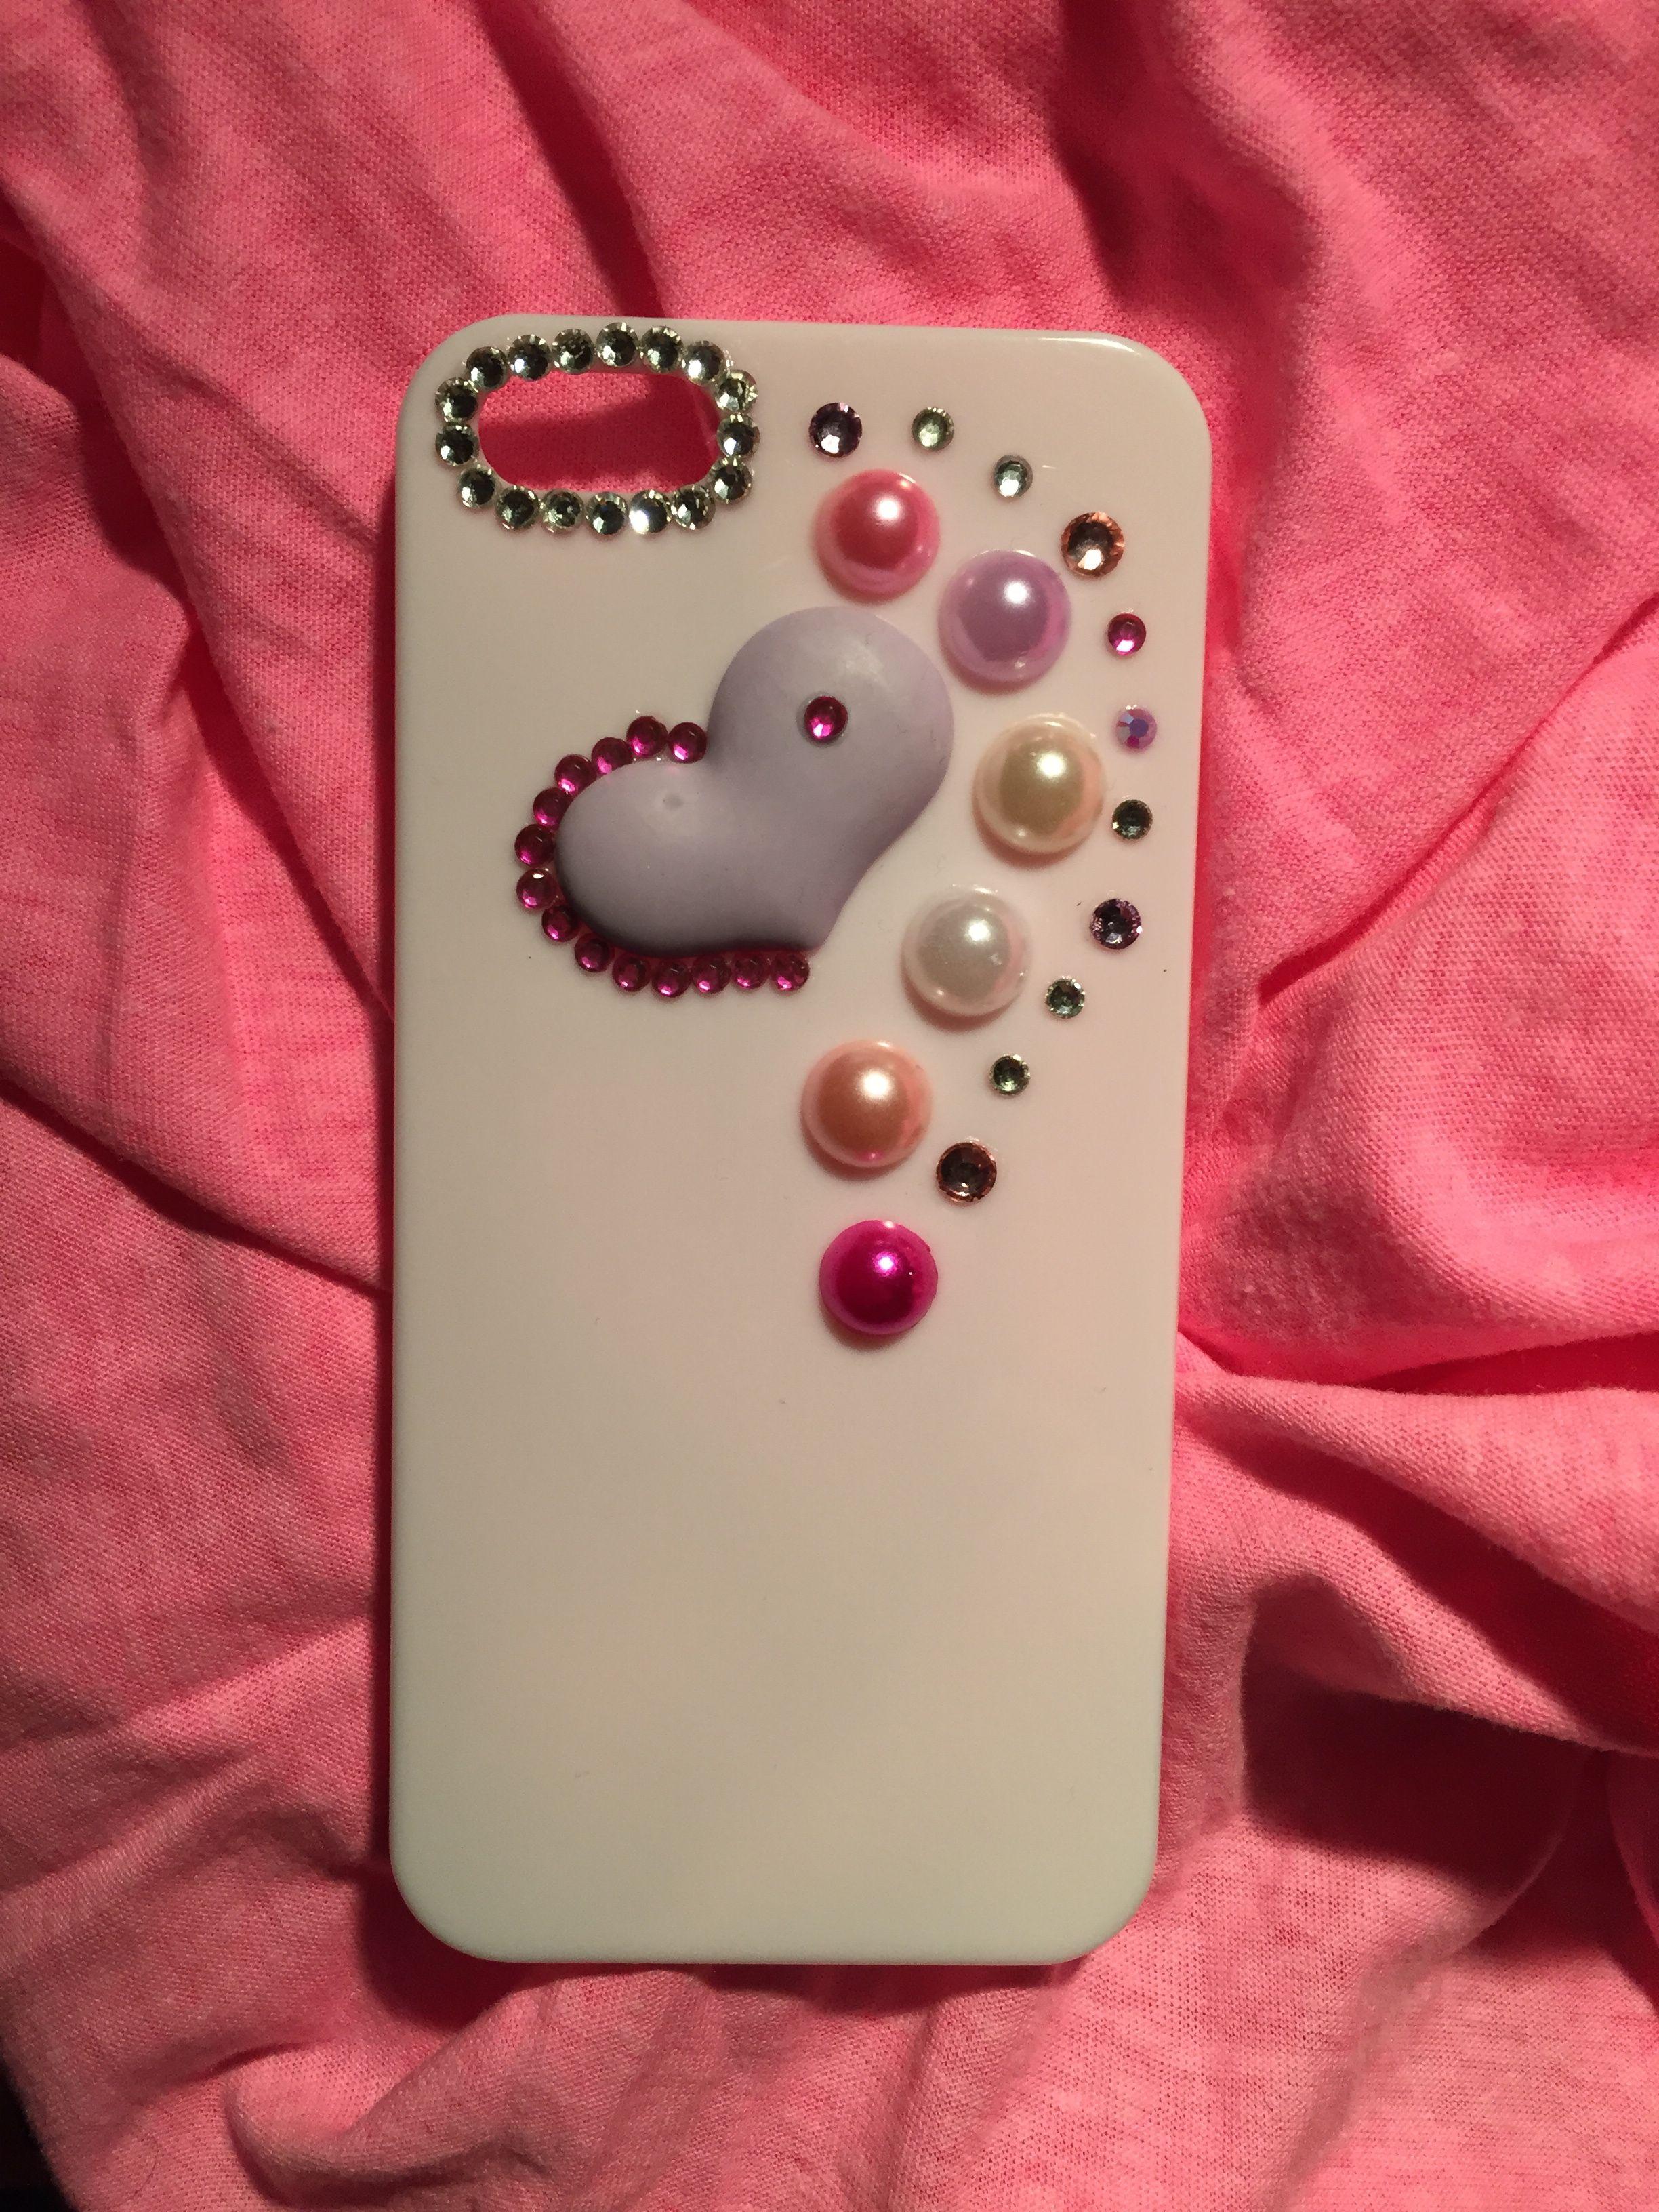 carcasa para tu iphone 5/5s, decorada en 3D con un precioso corazón lila y perlas 13€